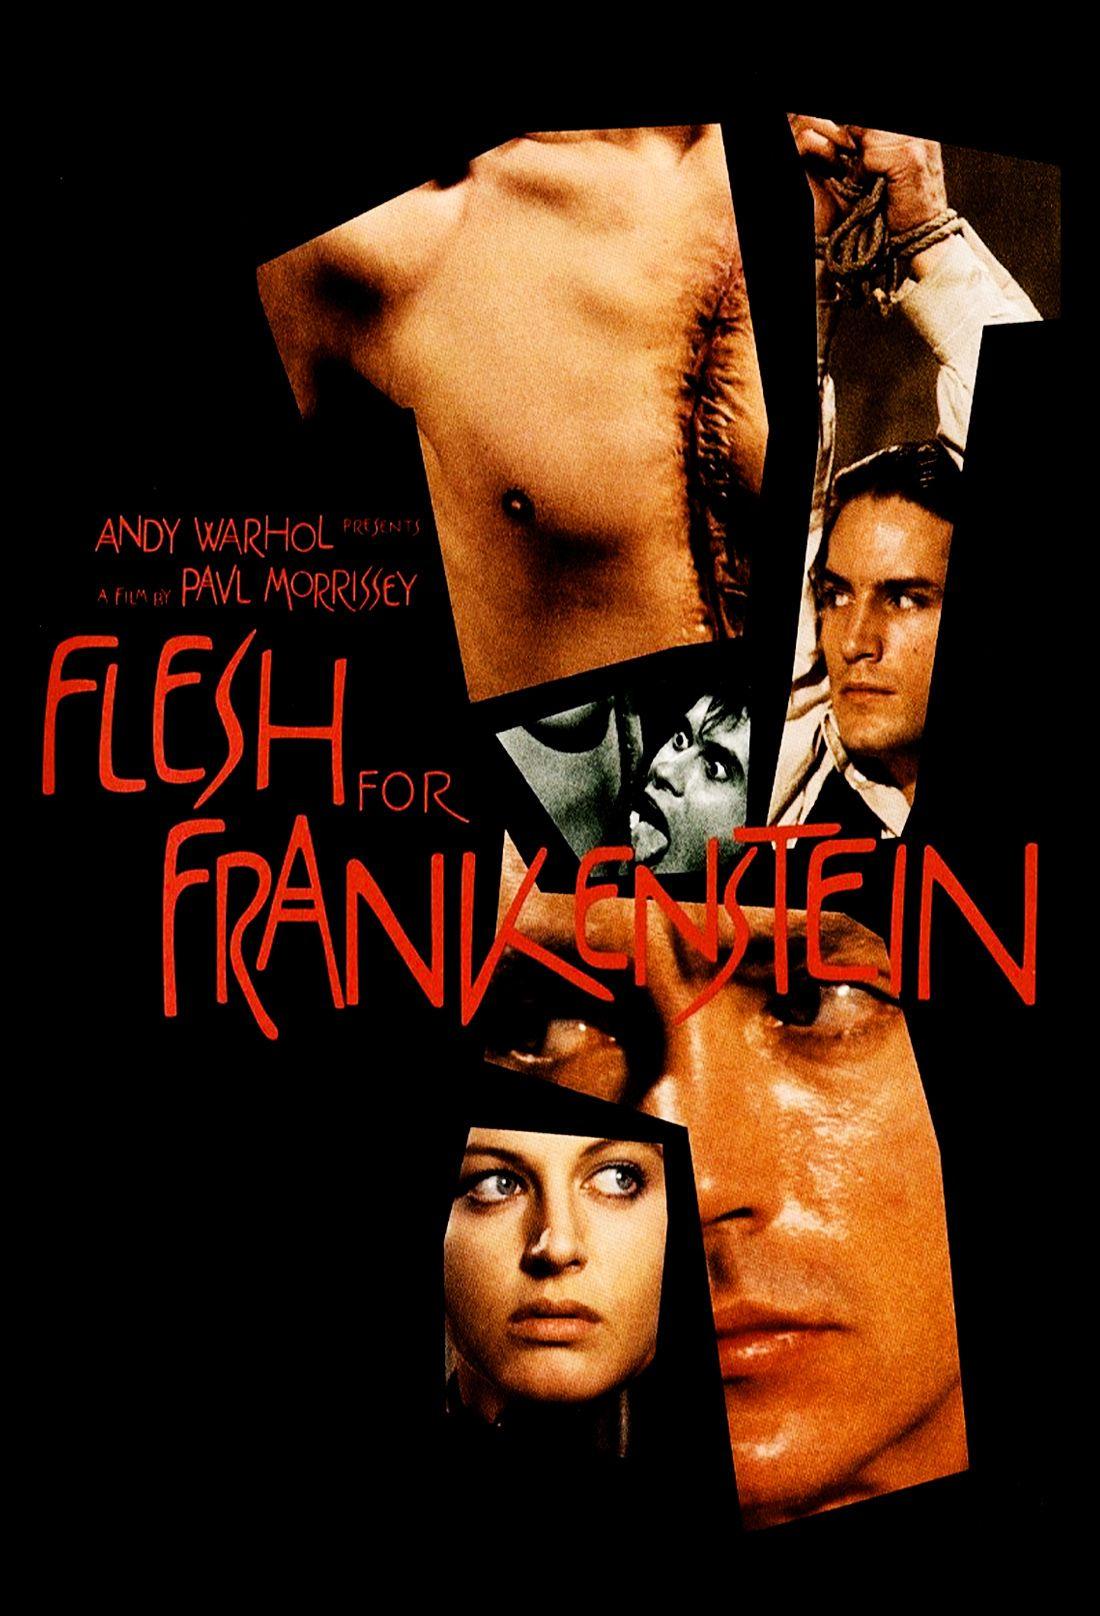 Poster for Flesh for Frankenstein